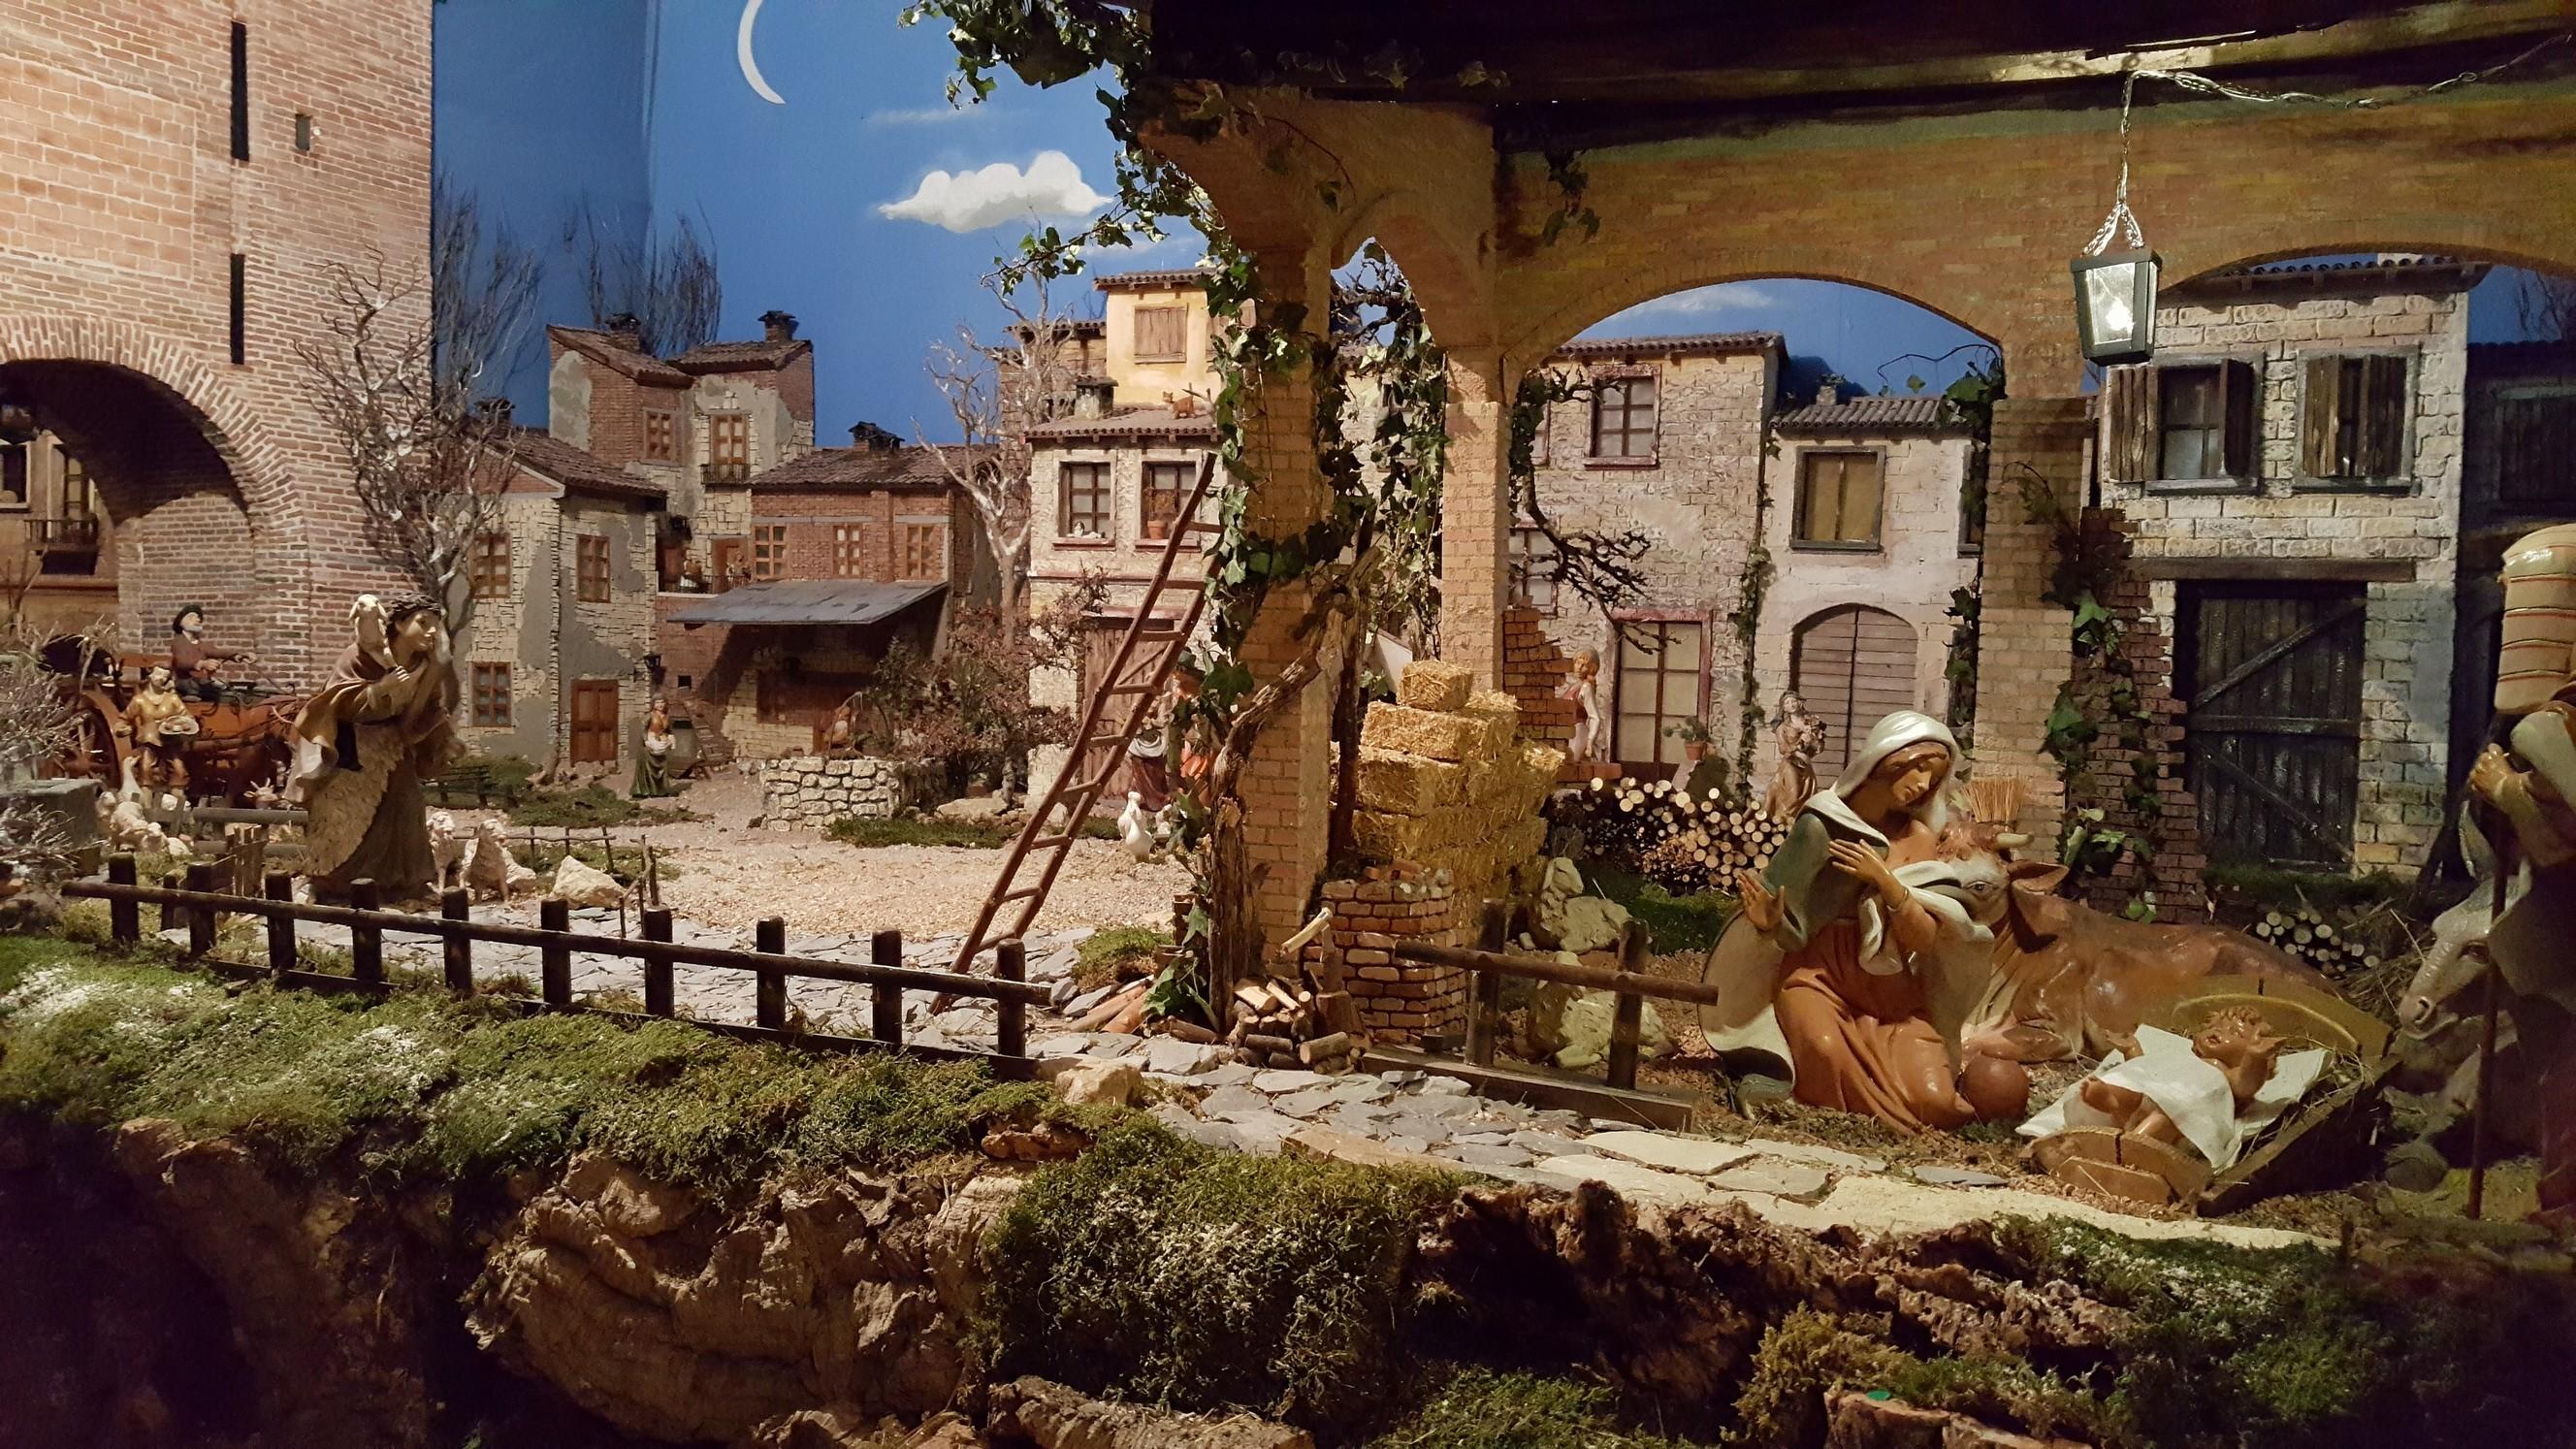 A Priorato mostra di presepi e altre mostre di carattere natalizio